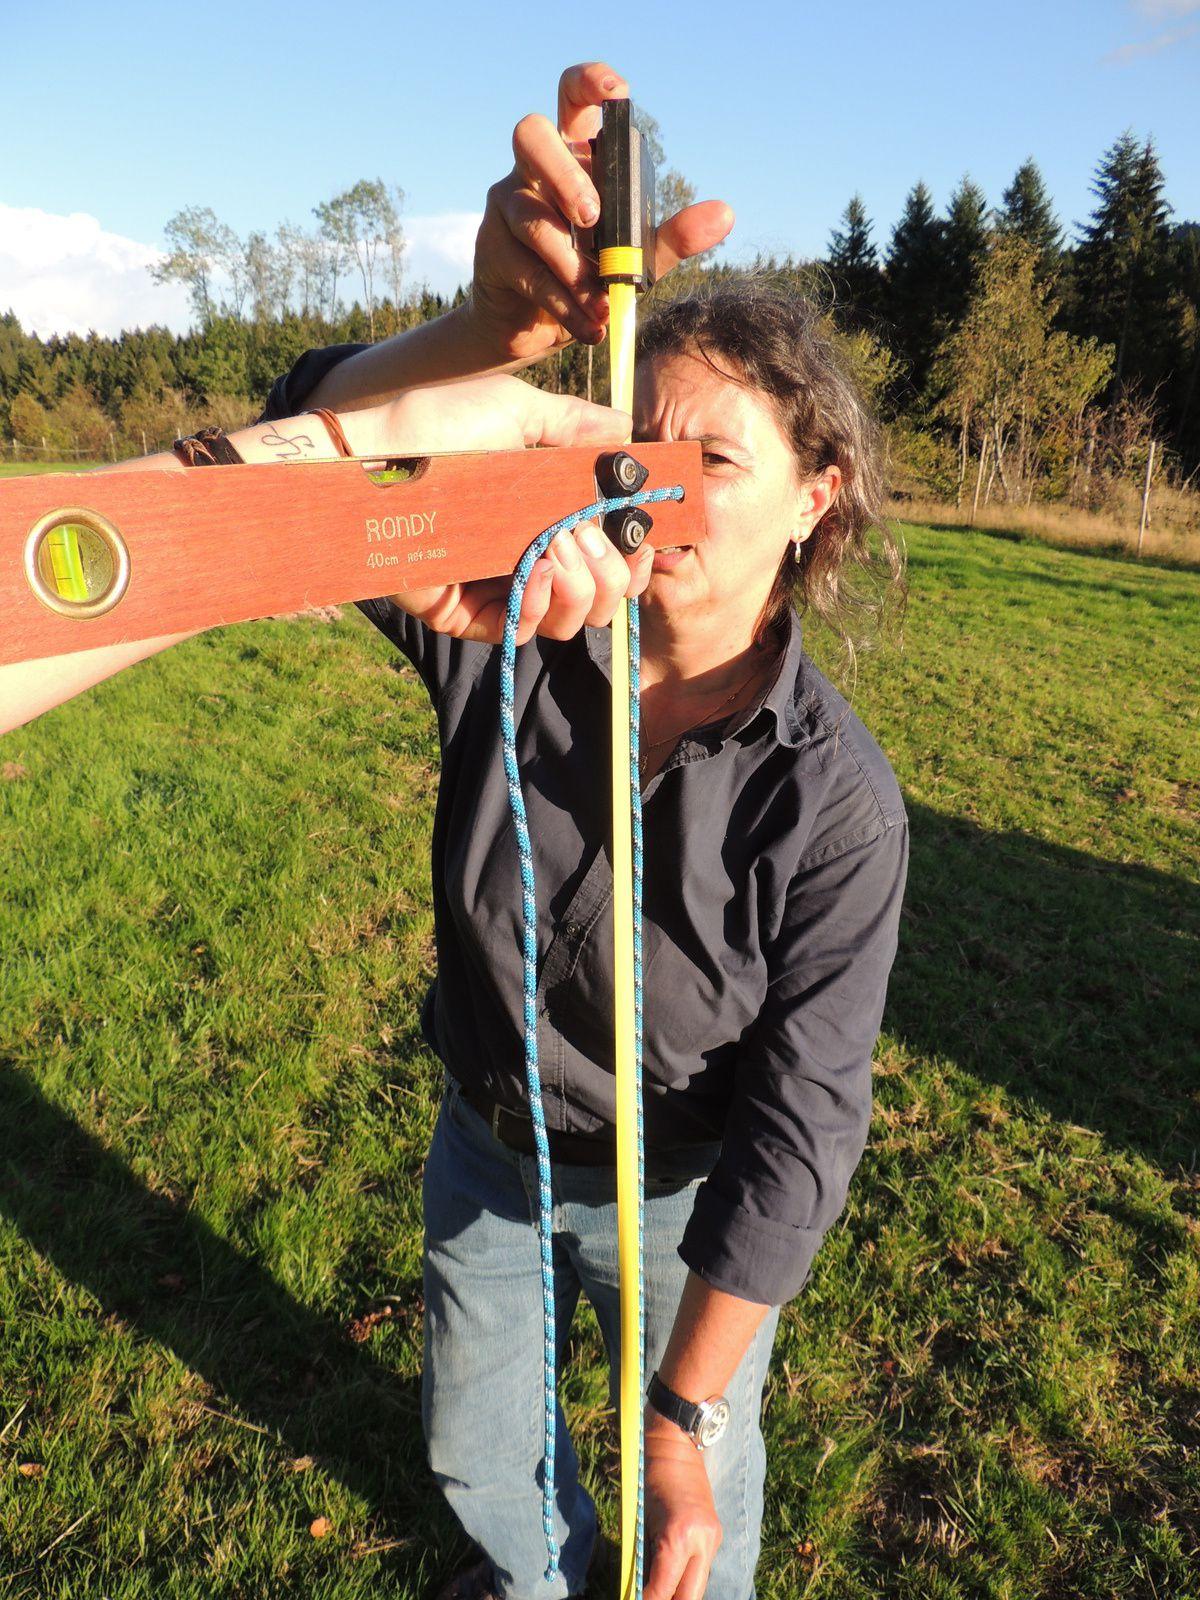 Mesure de la longueur de la corde. Techniques d'élevage 2014. Image soumise à droits d'auteur